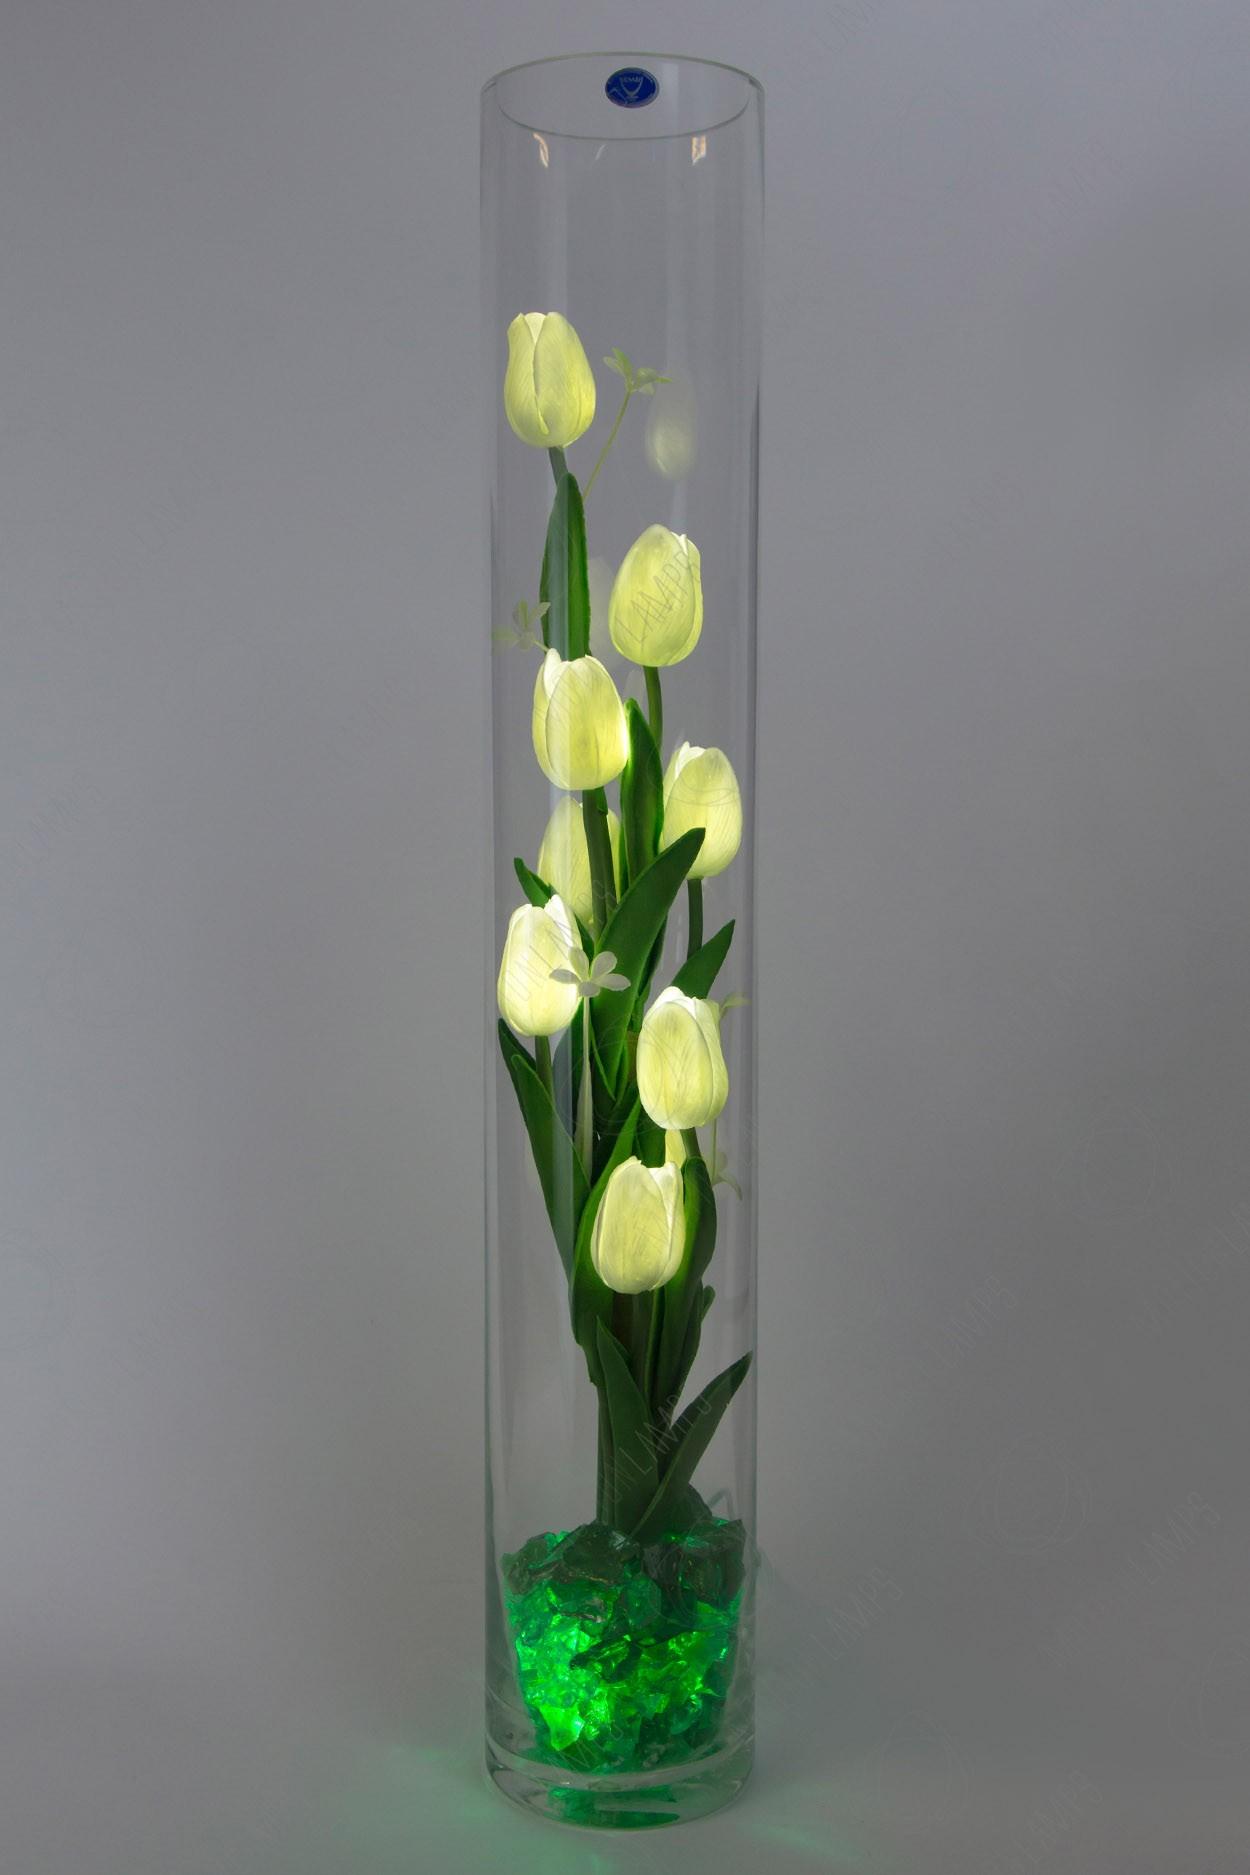 Светящиеся тюльпаны 9шт Белые(зел) в Москве